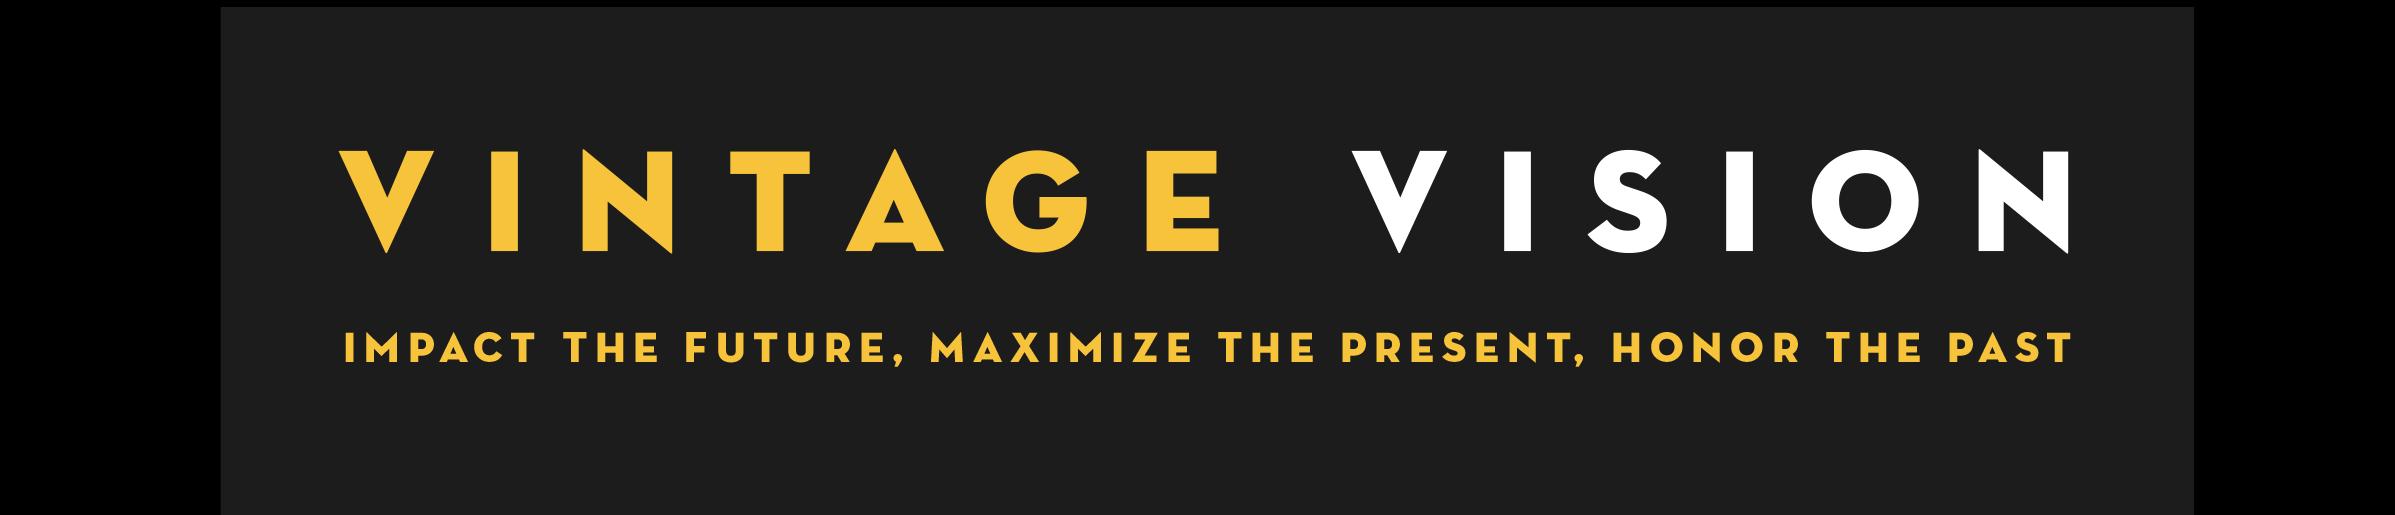 Vintage Vision Envelopes(1) 11.41.55 AM.png